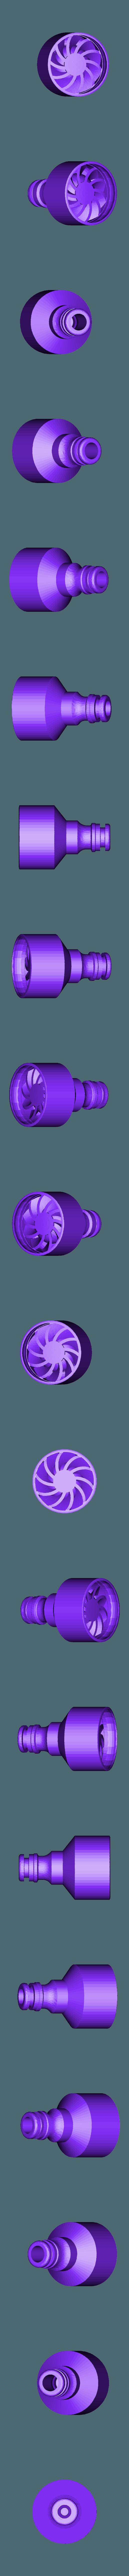 Turbine_Watersaver_for_garden_Hose_Big_V2.stl Download free STL file Turbine Watersaver for Garden Hose • 3D printer object, madsoul666